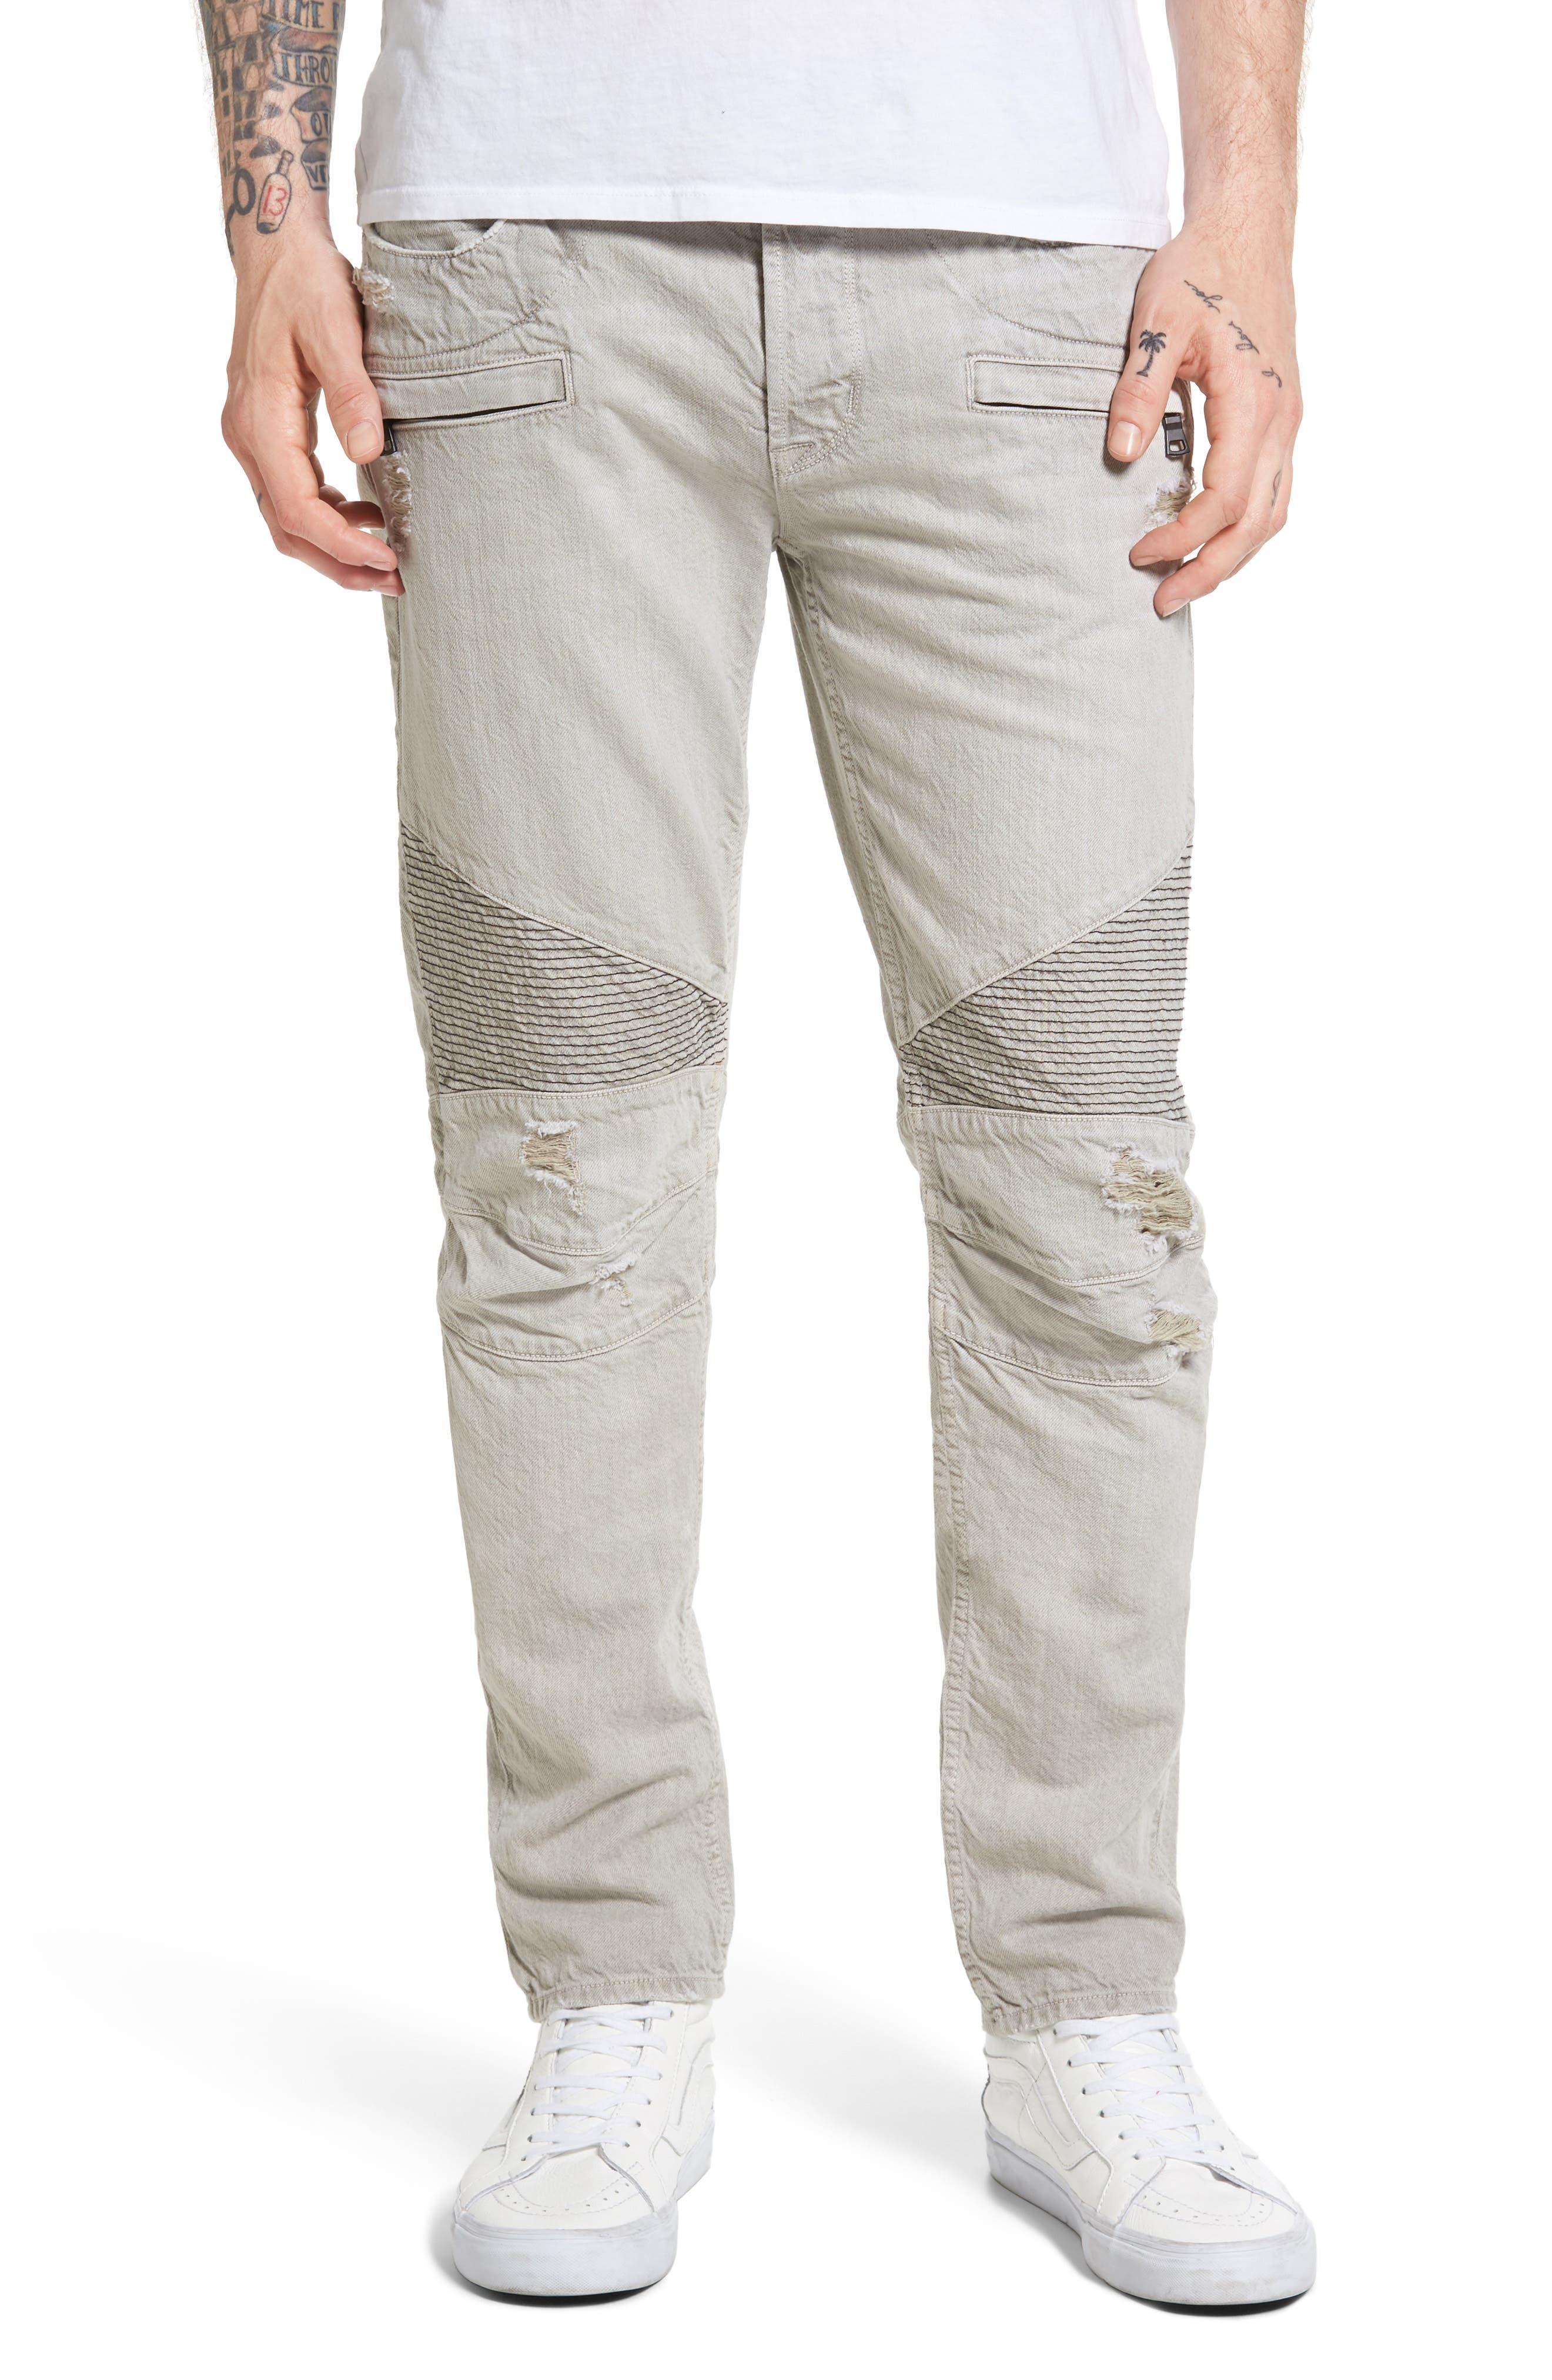 Hudson Jeans Blinder Biker Skinny Fit Jeans (Adherence)